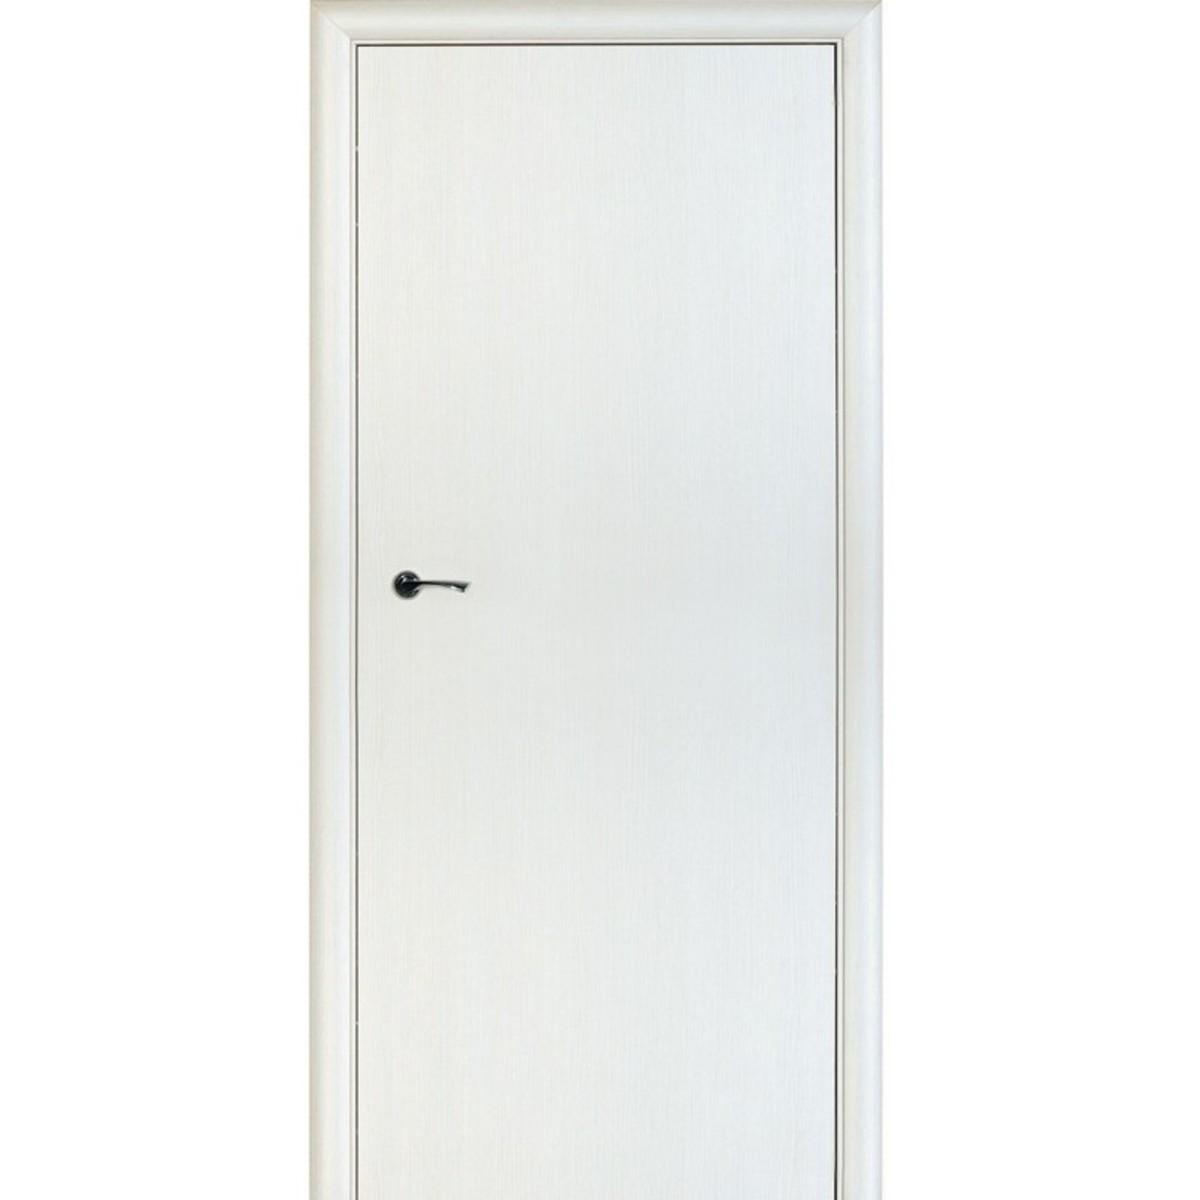 Дверь Межкомнатная Глухая Стандарт 80x200 Ламинация Цвет Бьянко 3d